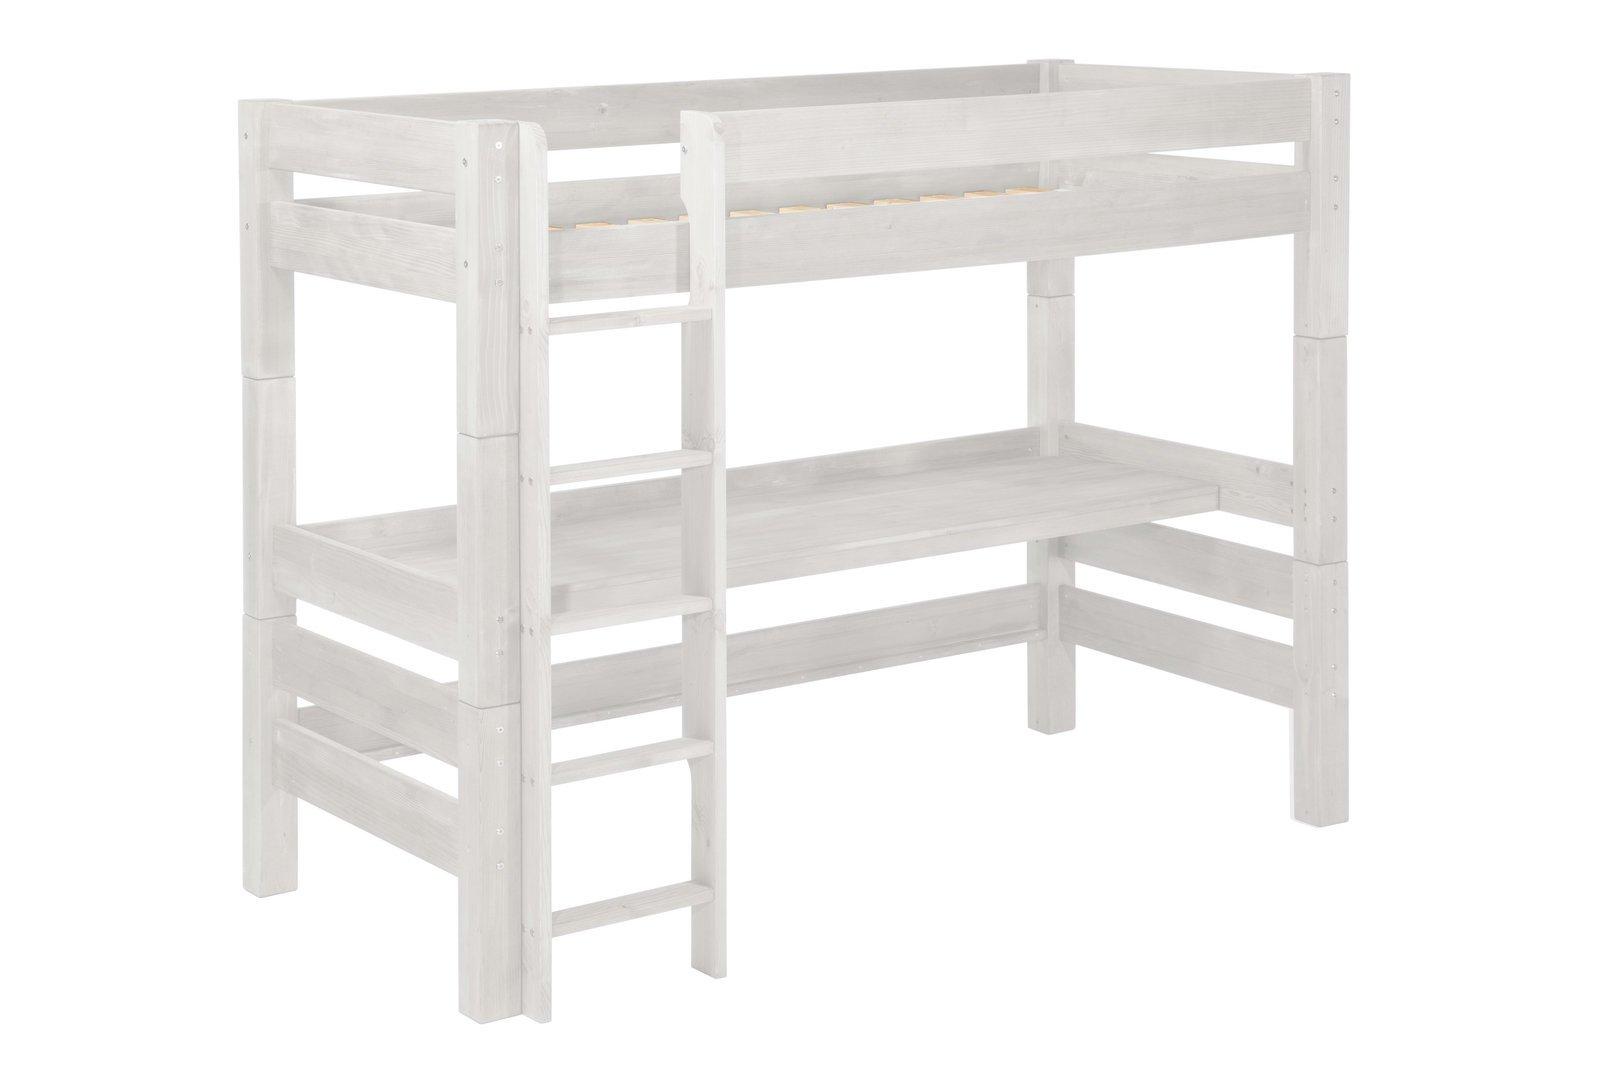 Kinderzimmer Hochbett mit Schreibtisch, Bild 3